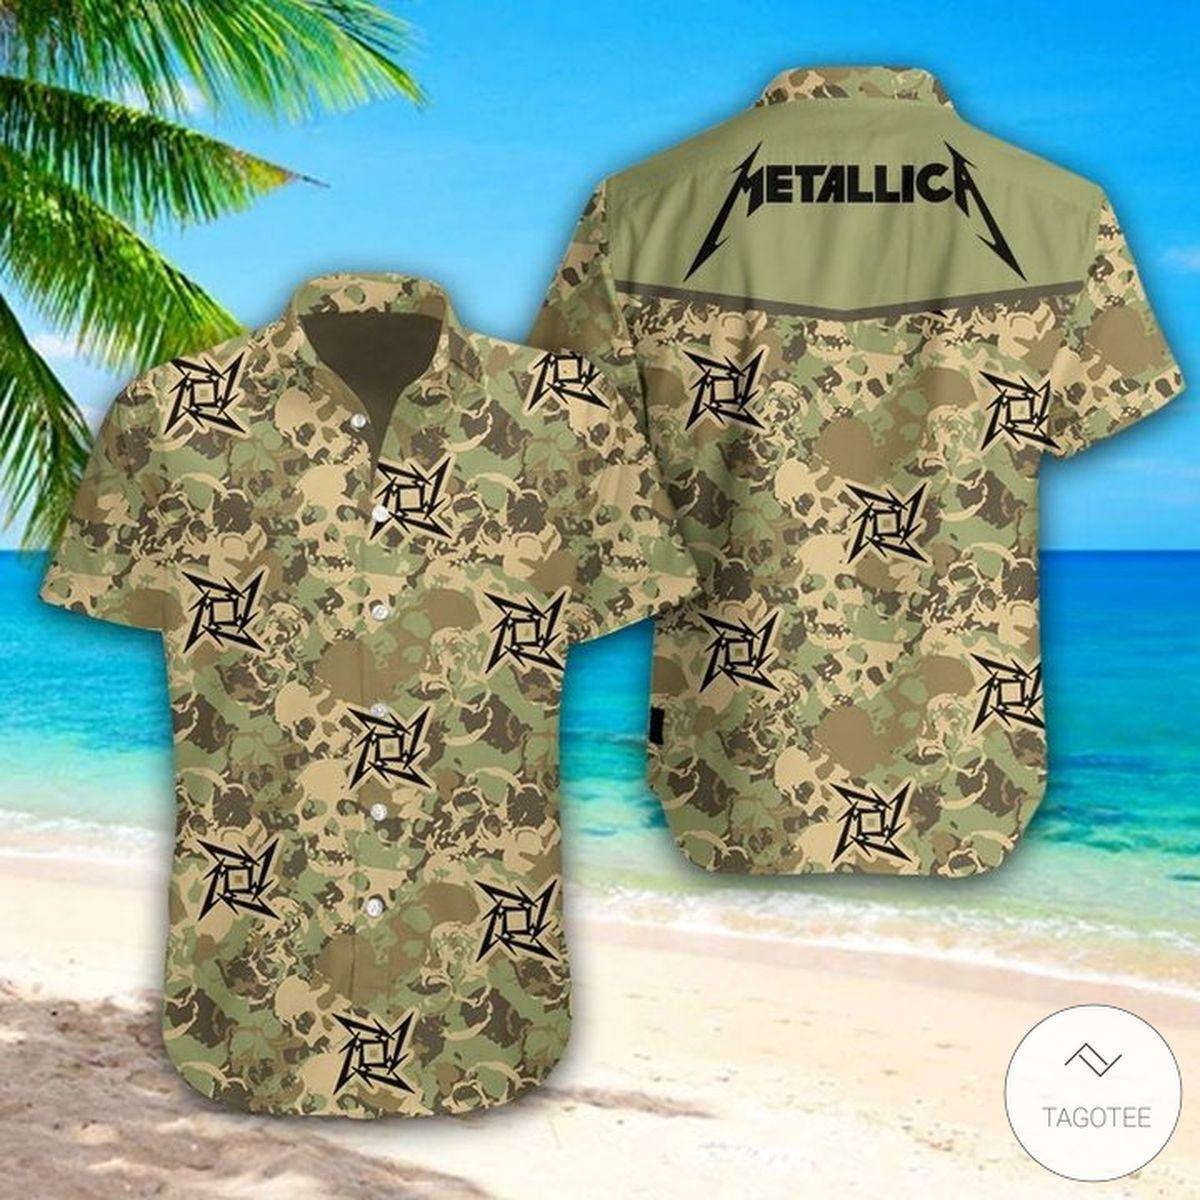 Metallica Army Camo Hawaiian Shirt